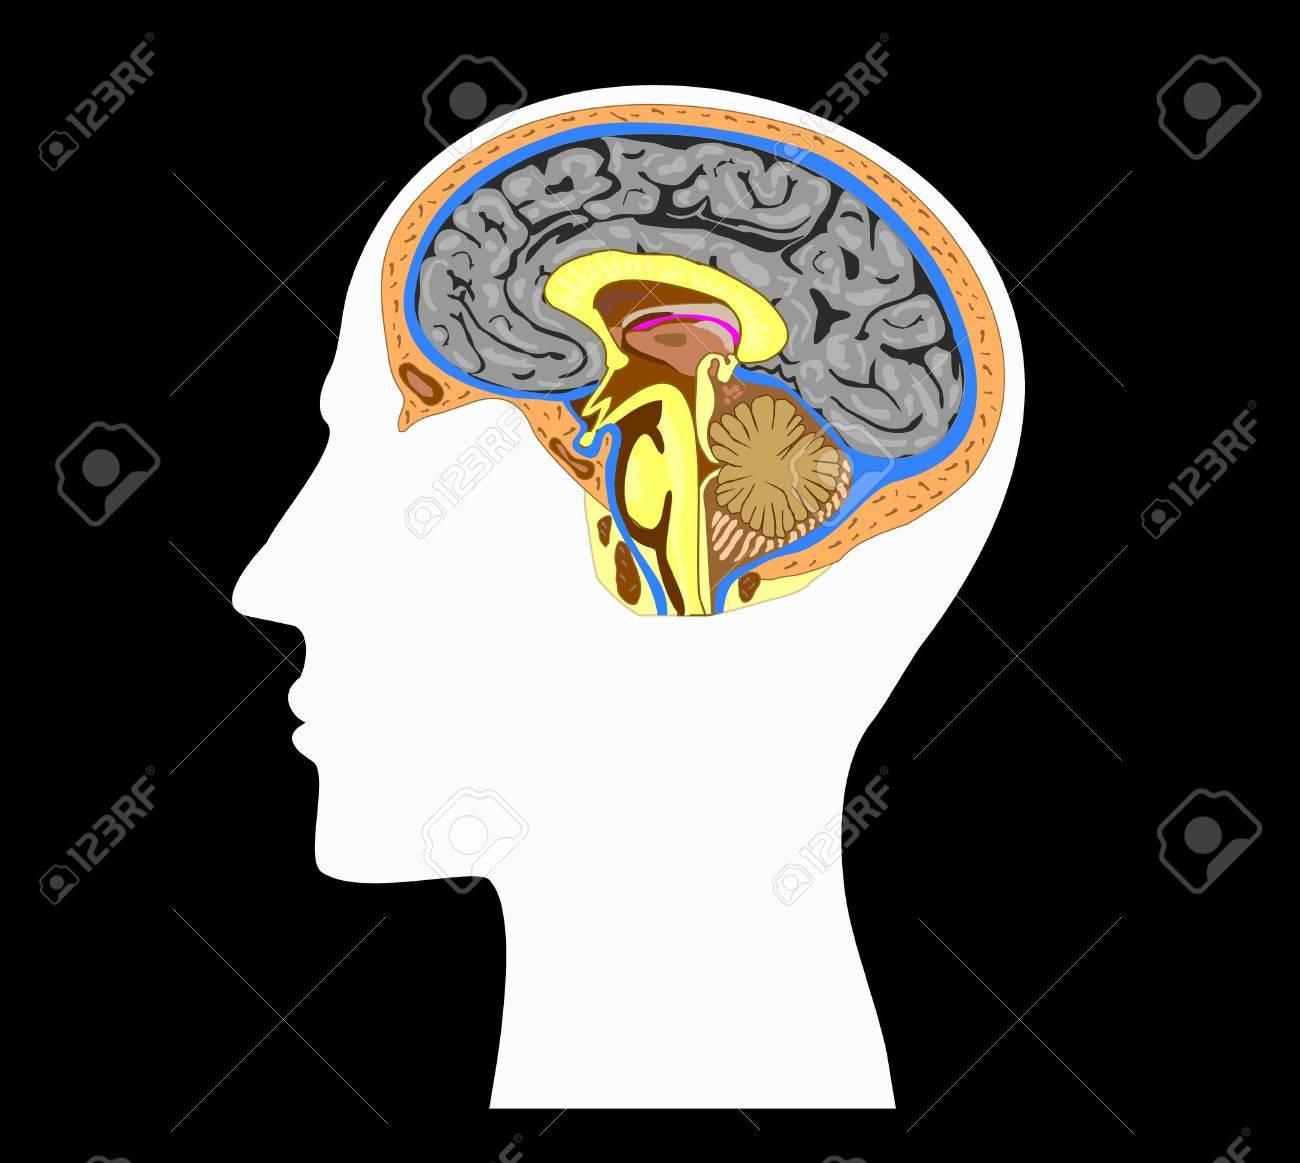 Silueta Blanca De Una Cabeza Humana Con La Anatomía Del Cerebro En ...